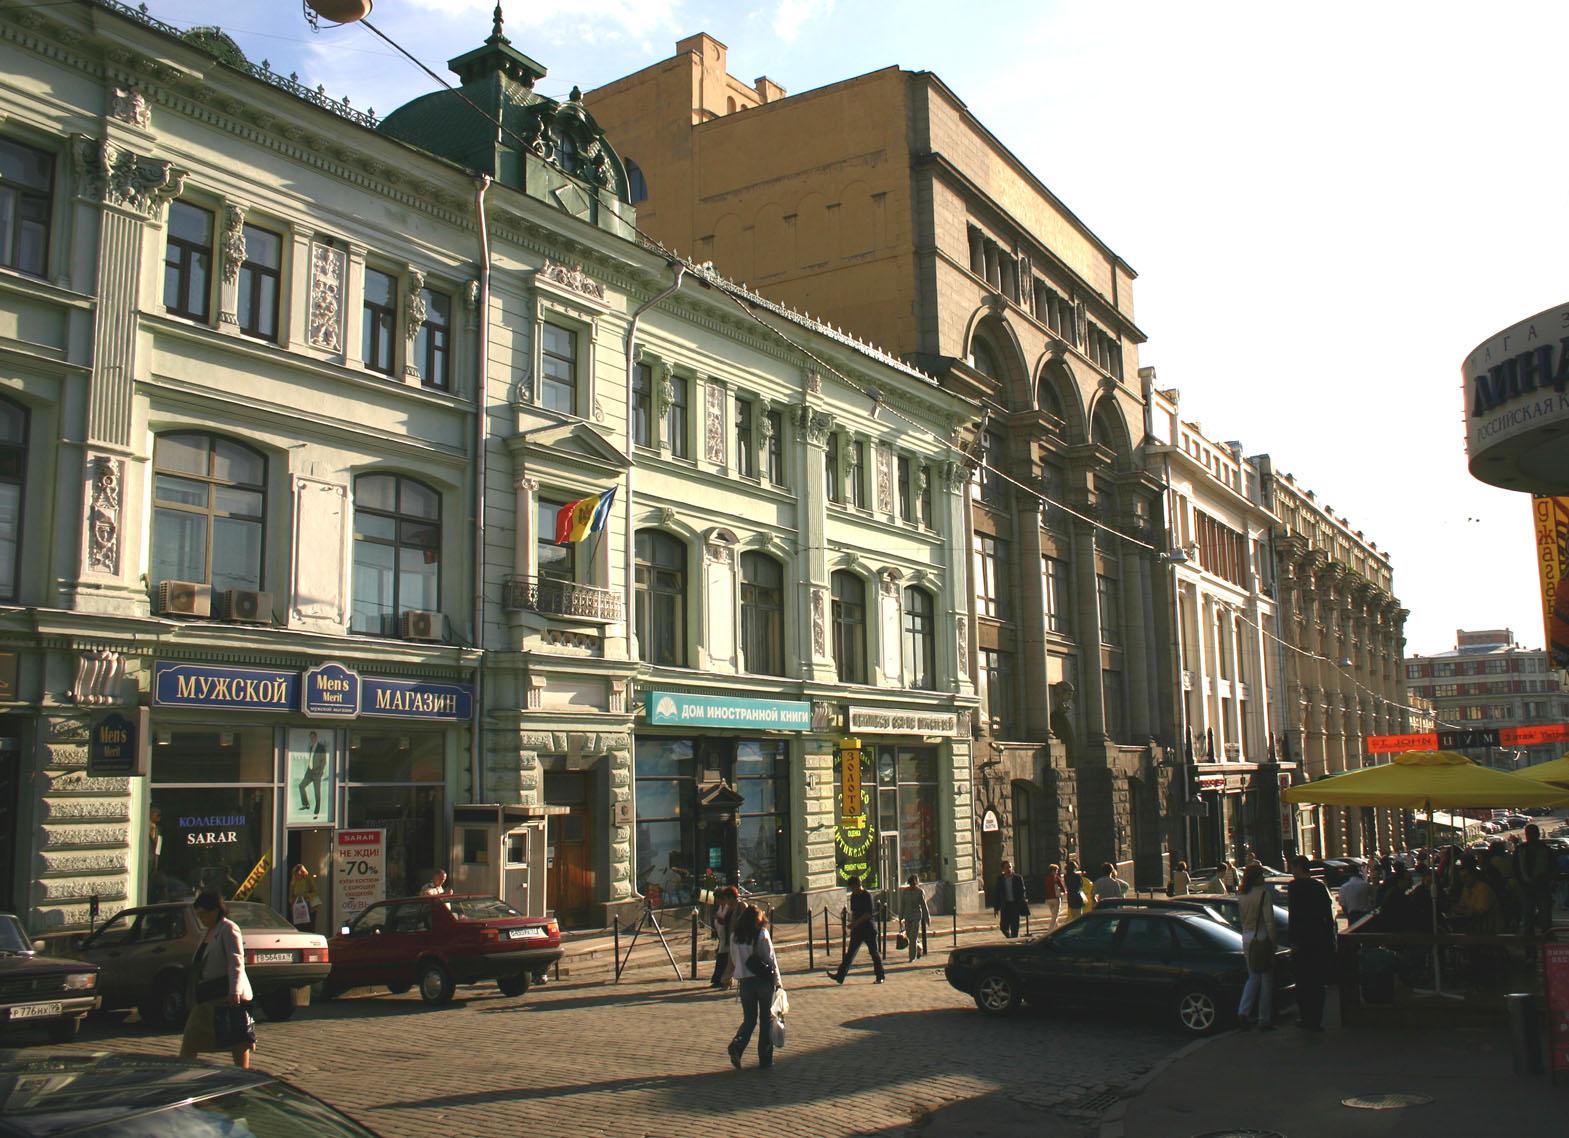 СУХАНОВО с 18 в. до революции 1917 г. усадьба принадлежала князьям Волконским.